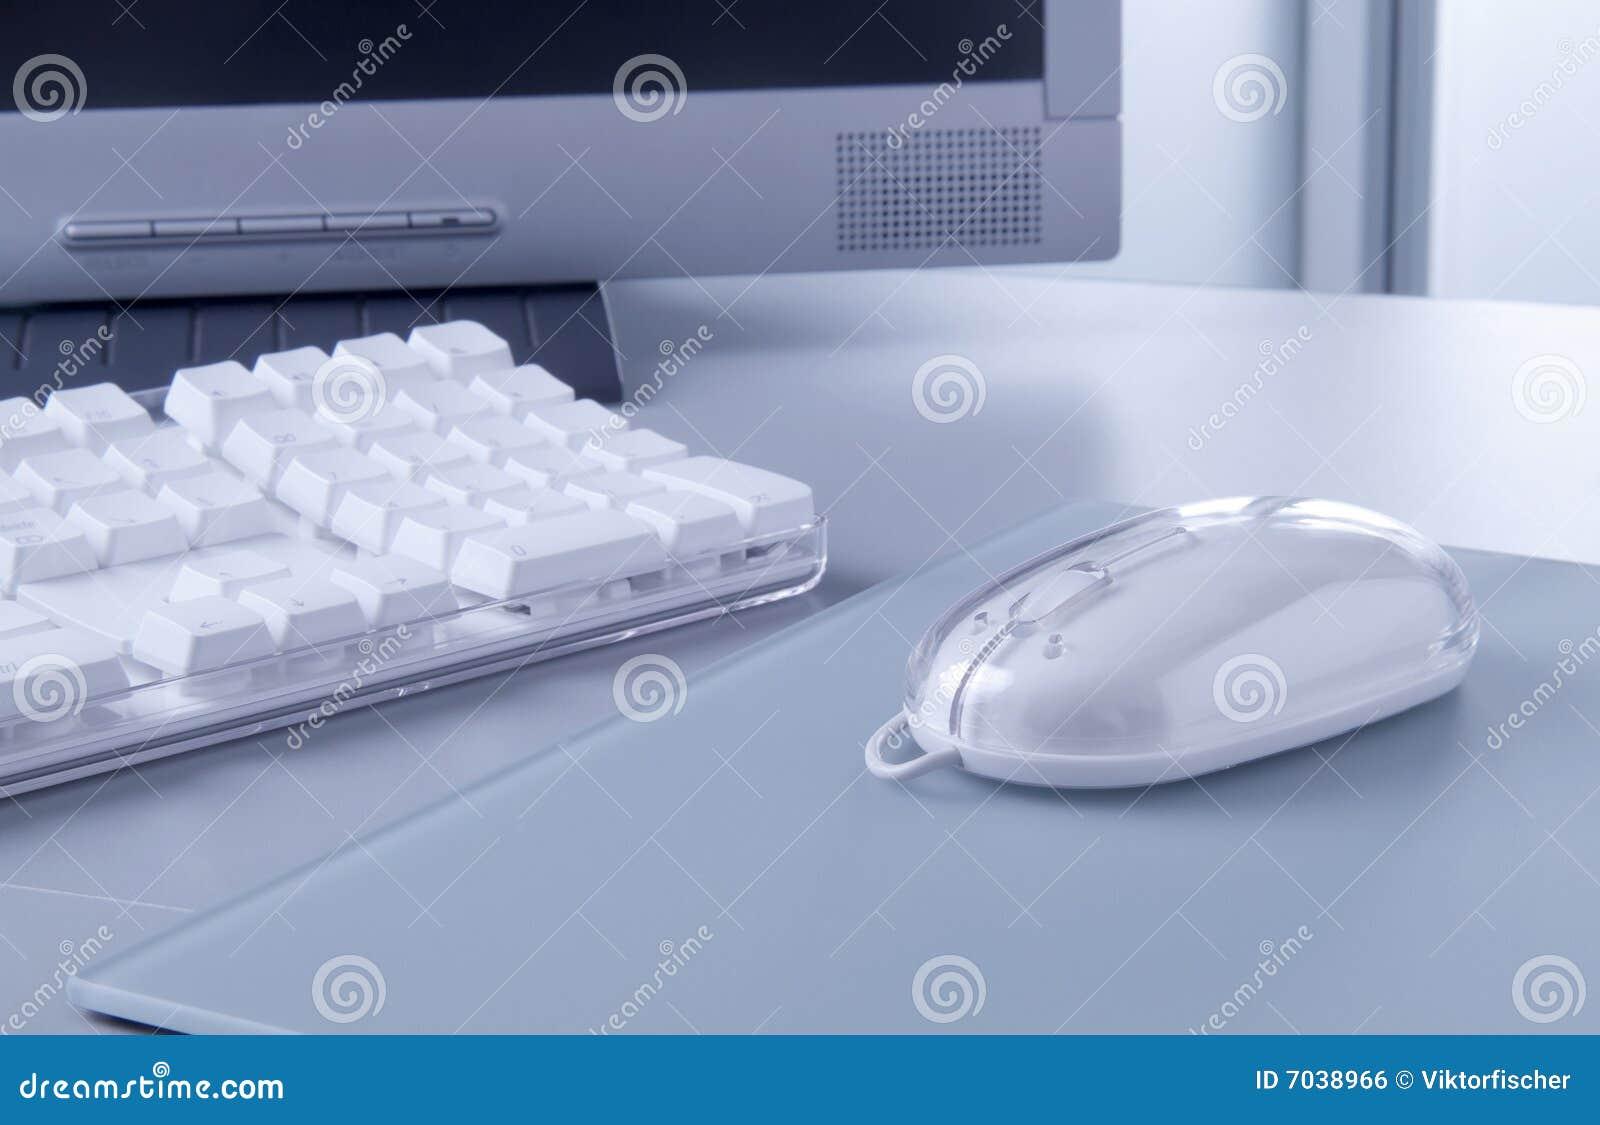 ποντίκι πληκτρολογίων υπολογιστών